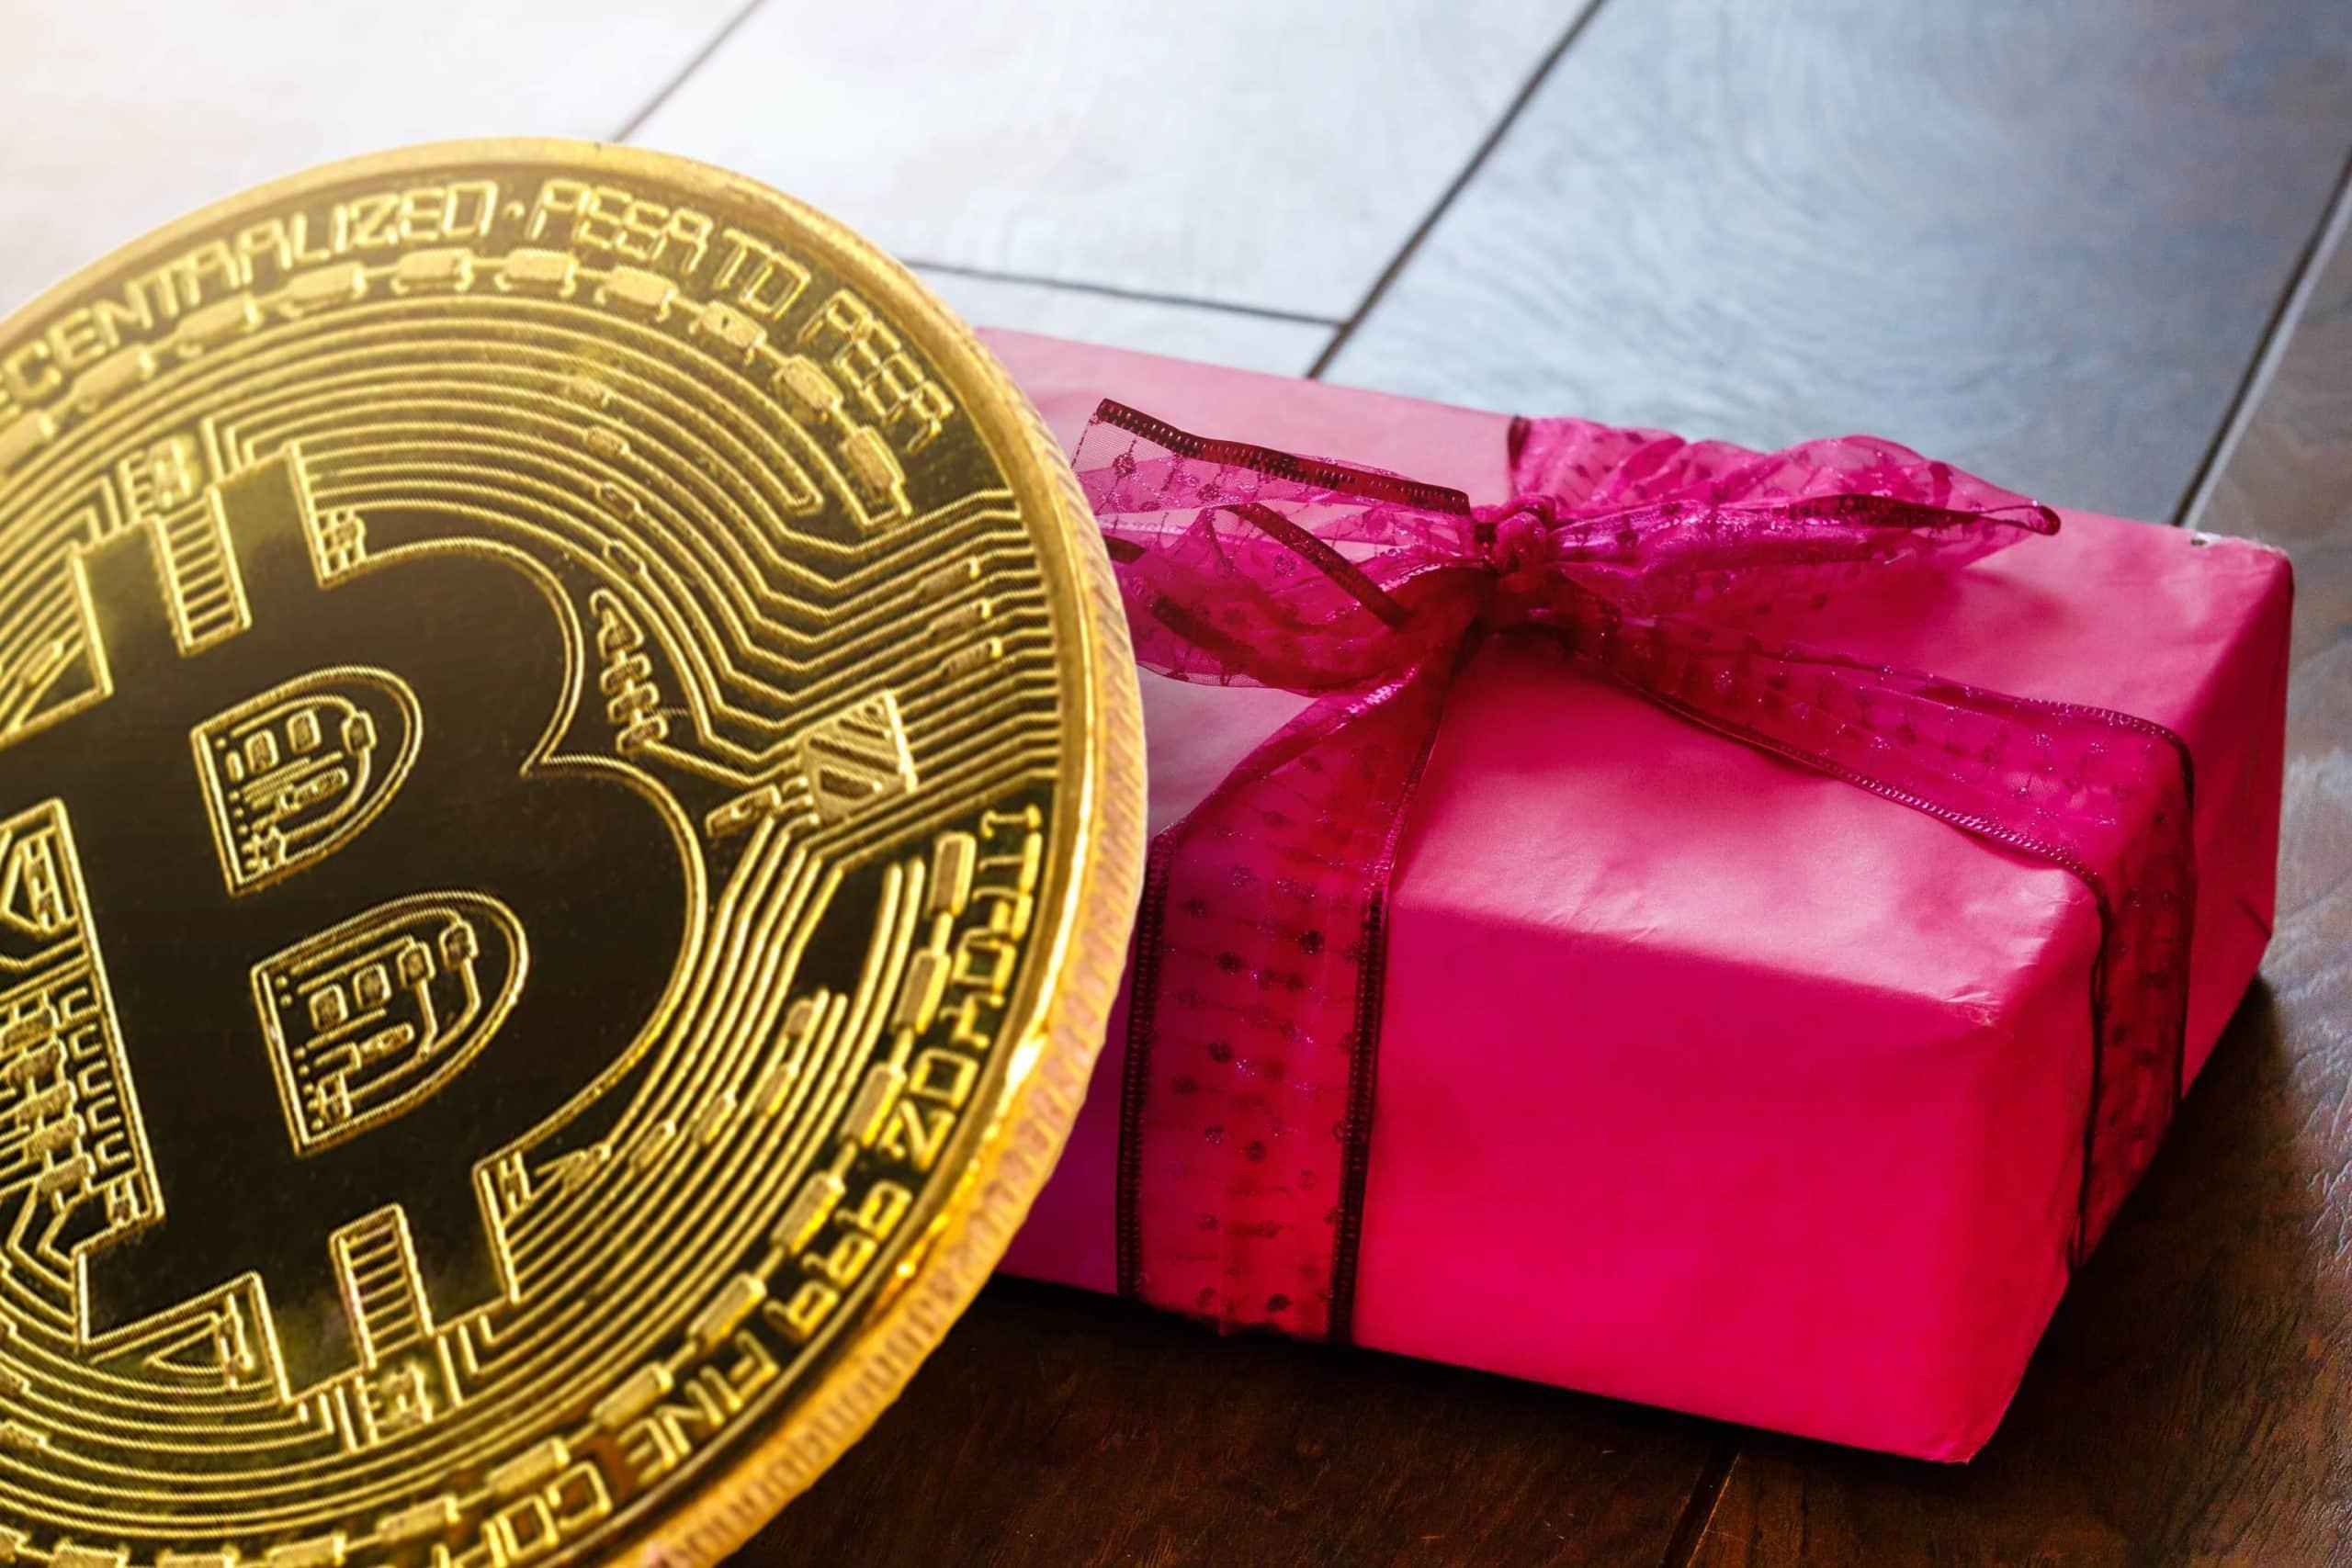 Bitcoin Münze vor einem roten Geschenk